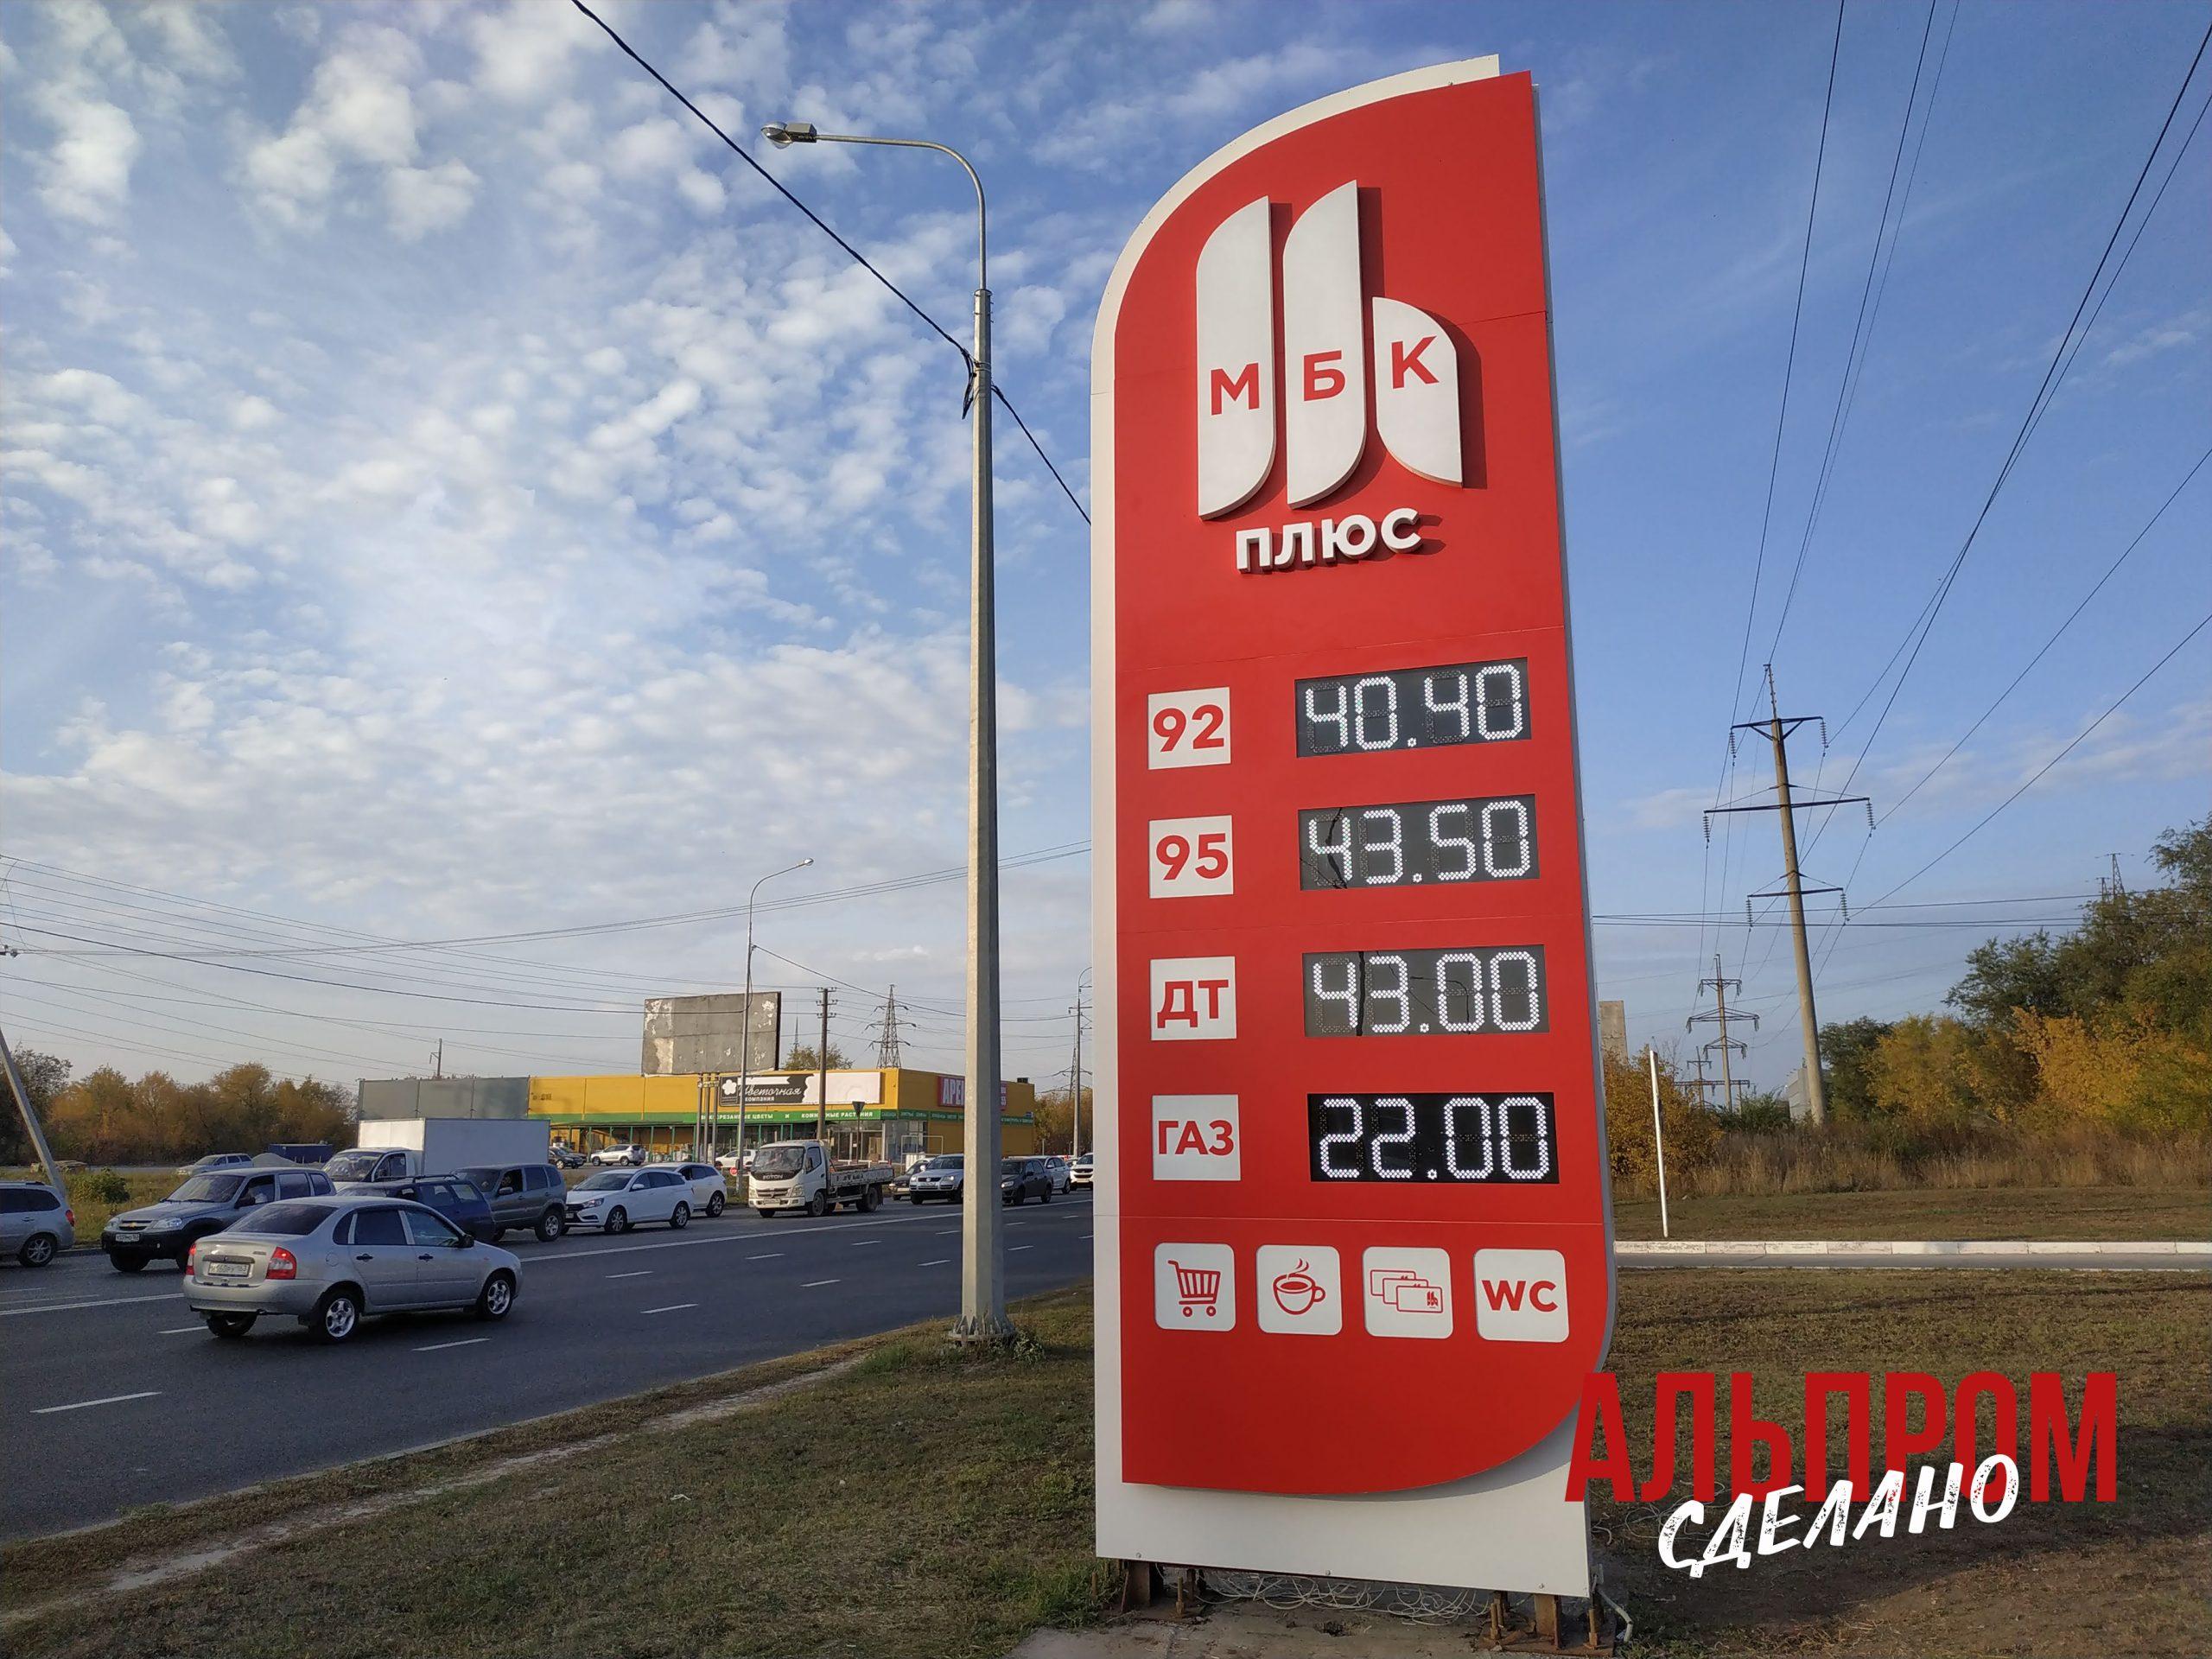 Стелла АЗС в Тольятти